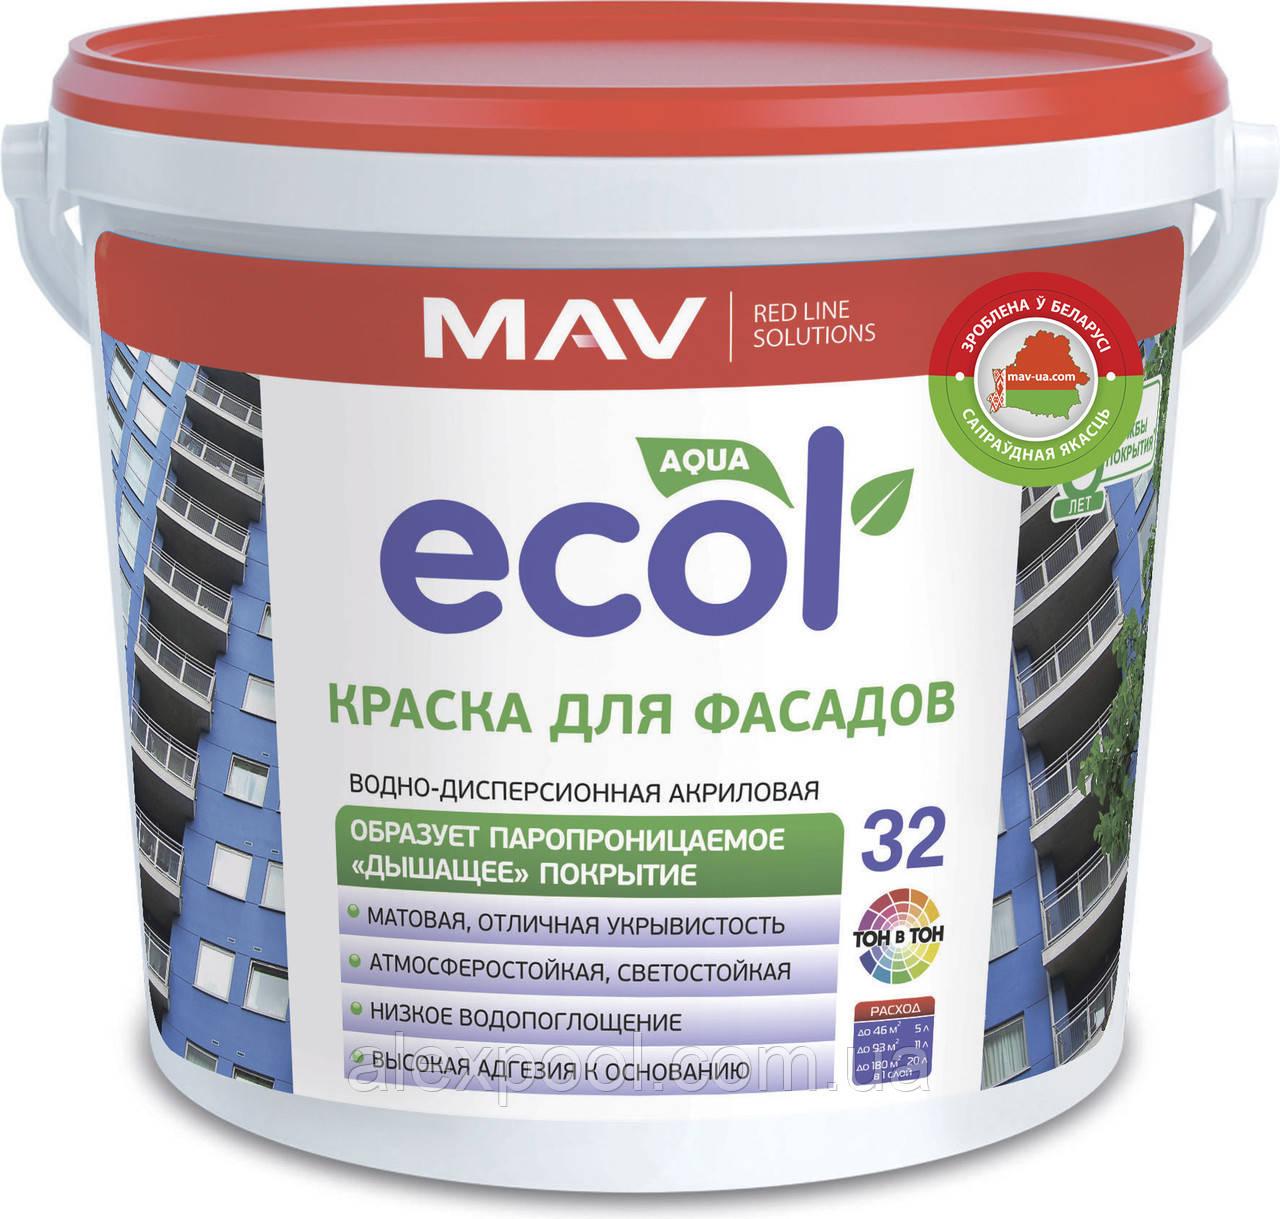 Краска MAV ECOL 32 фасадная 5 литров